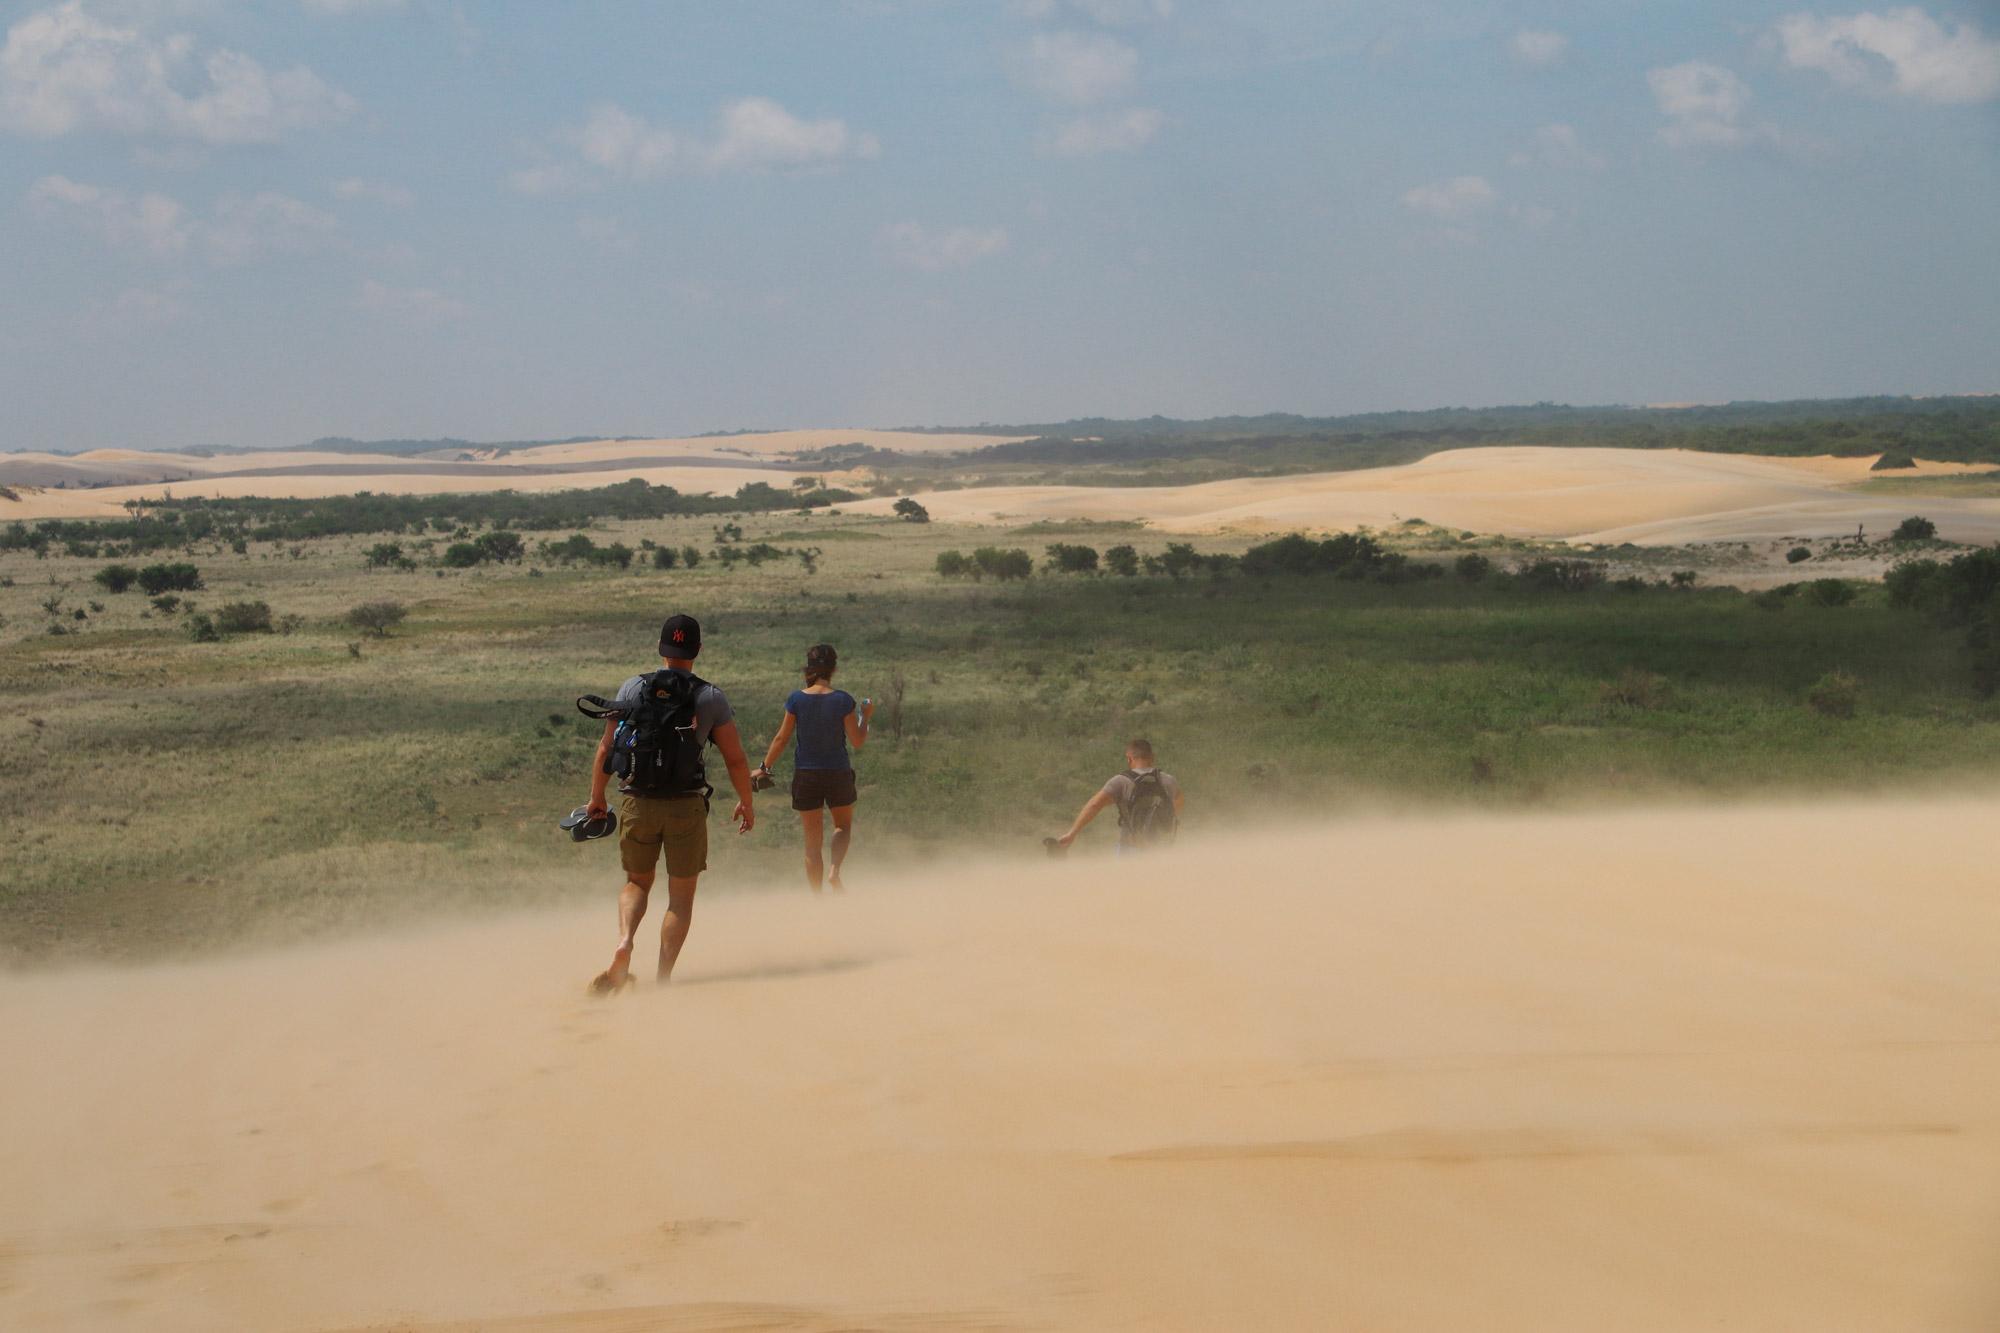 handige tips voor een Bolivia reis - Bescherm je camera